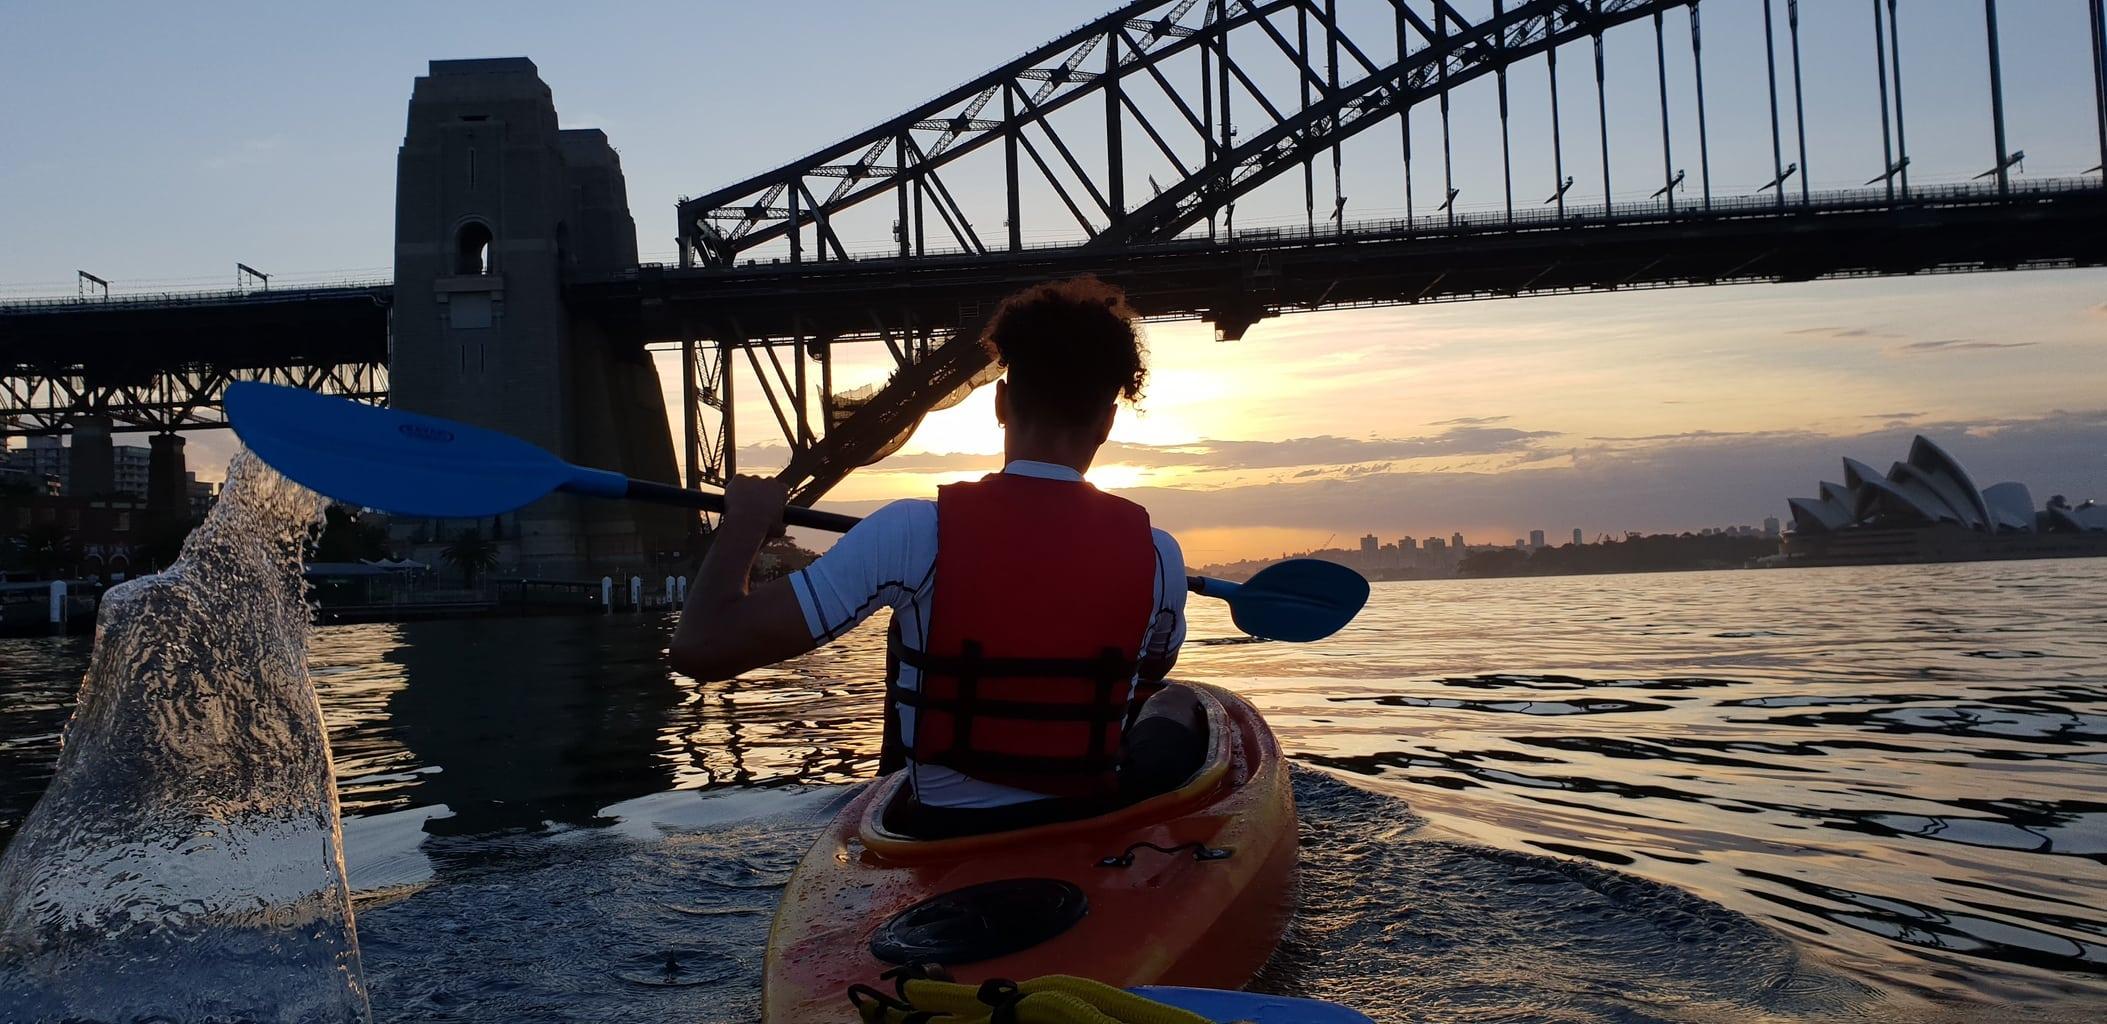 foto tomada con un Galaxy S9 de un joven en canoa